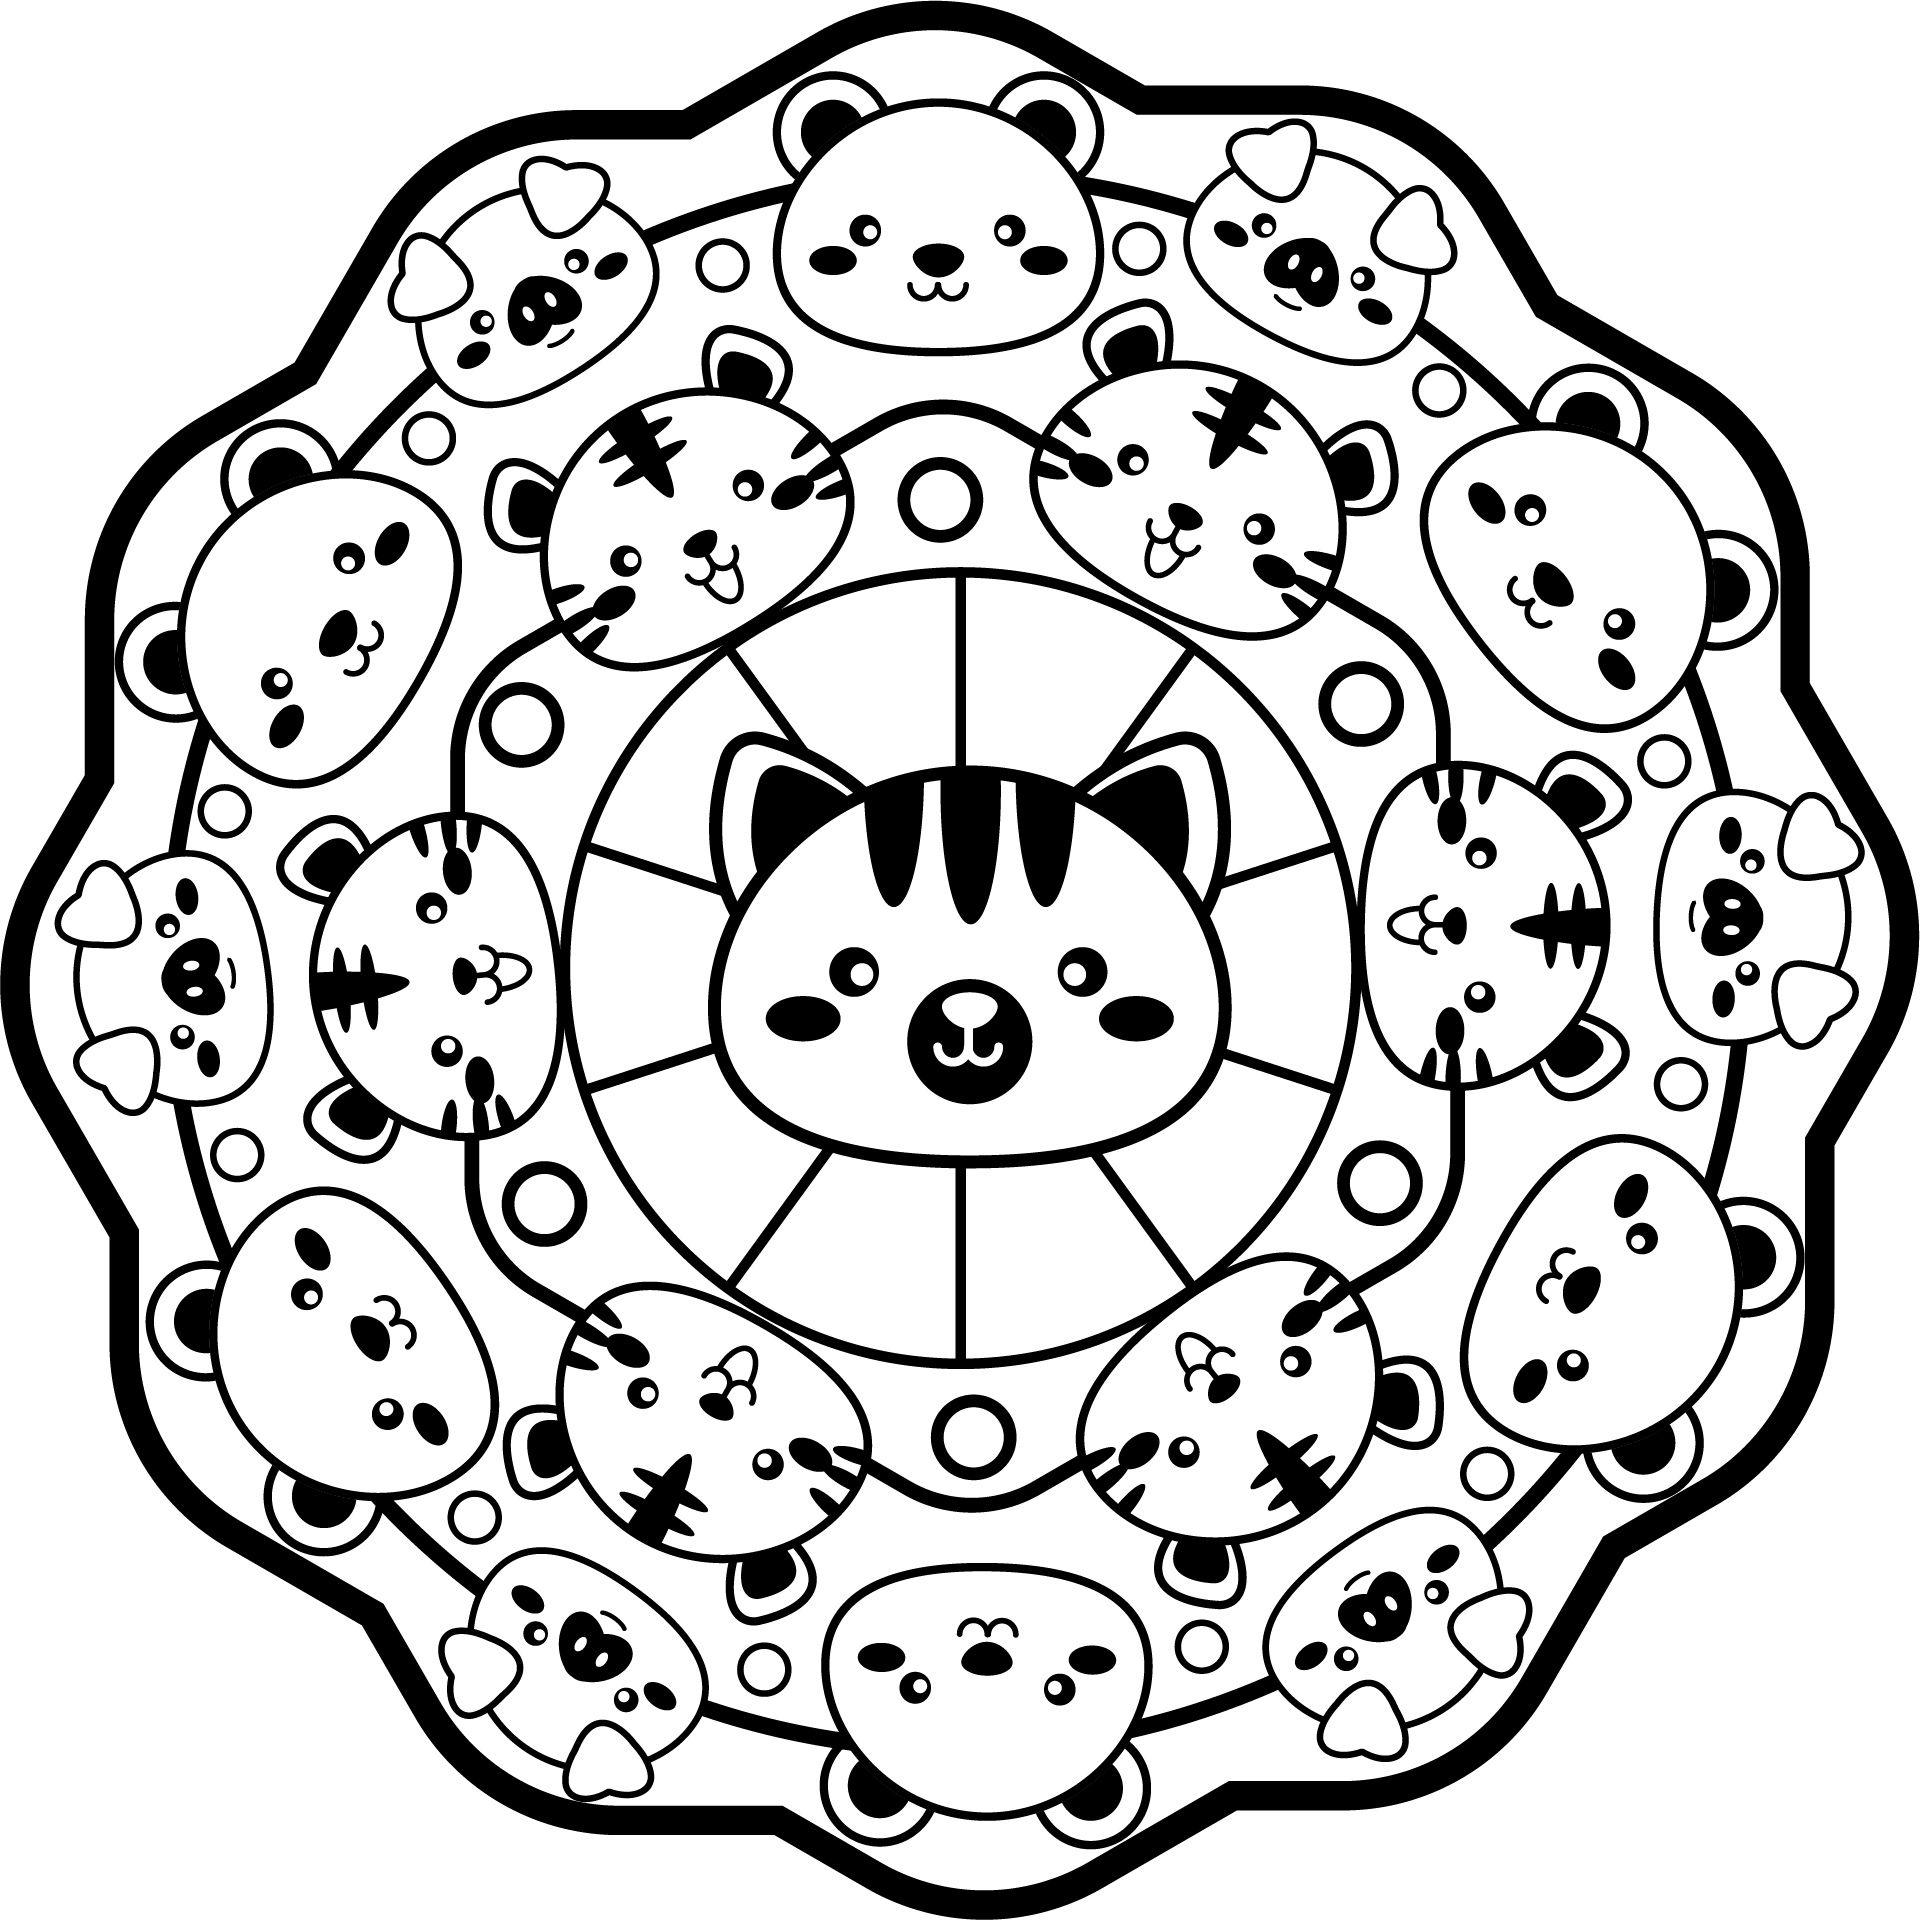 Mandala De Animales Del Zoo 1 En 2020 Con Imagenes Mandalas